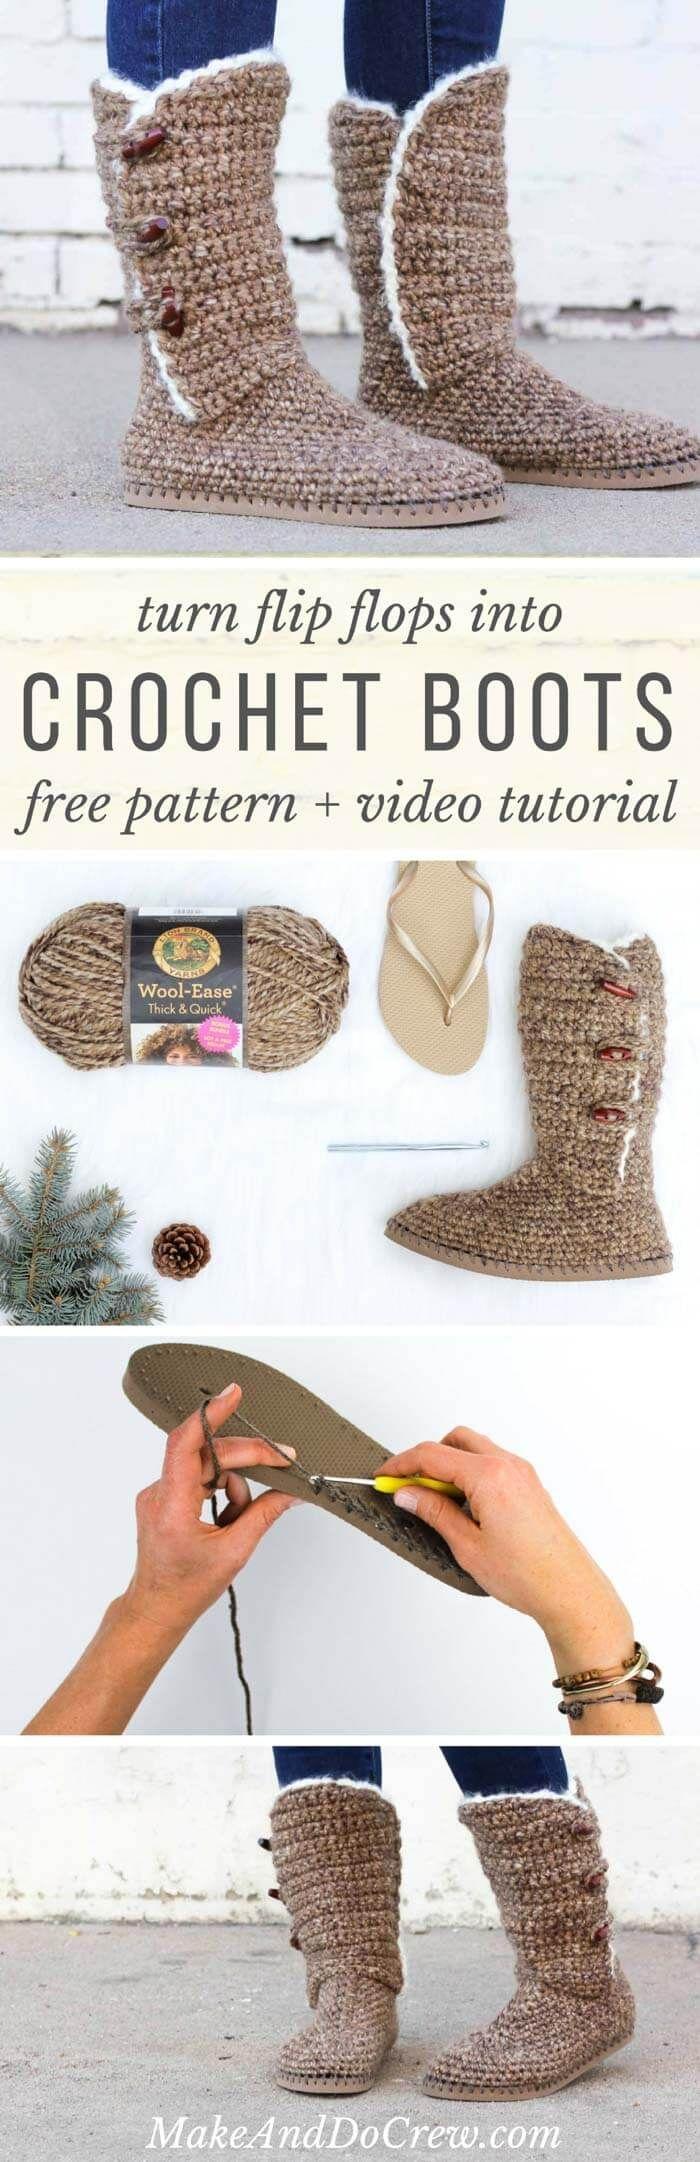 625 best Knitting & Crochet images on Pinterest | Knits, Crochet ...